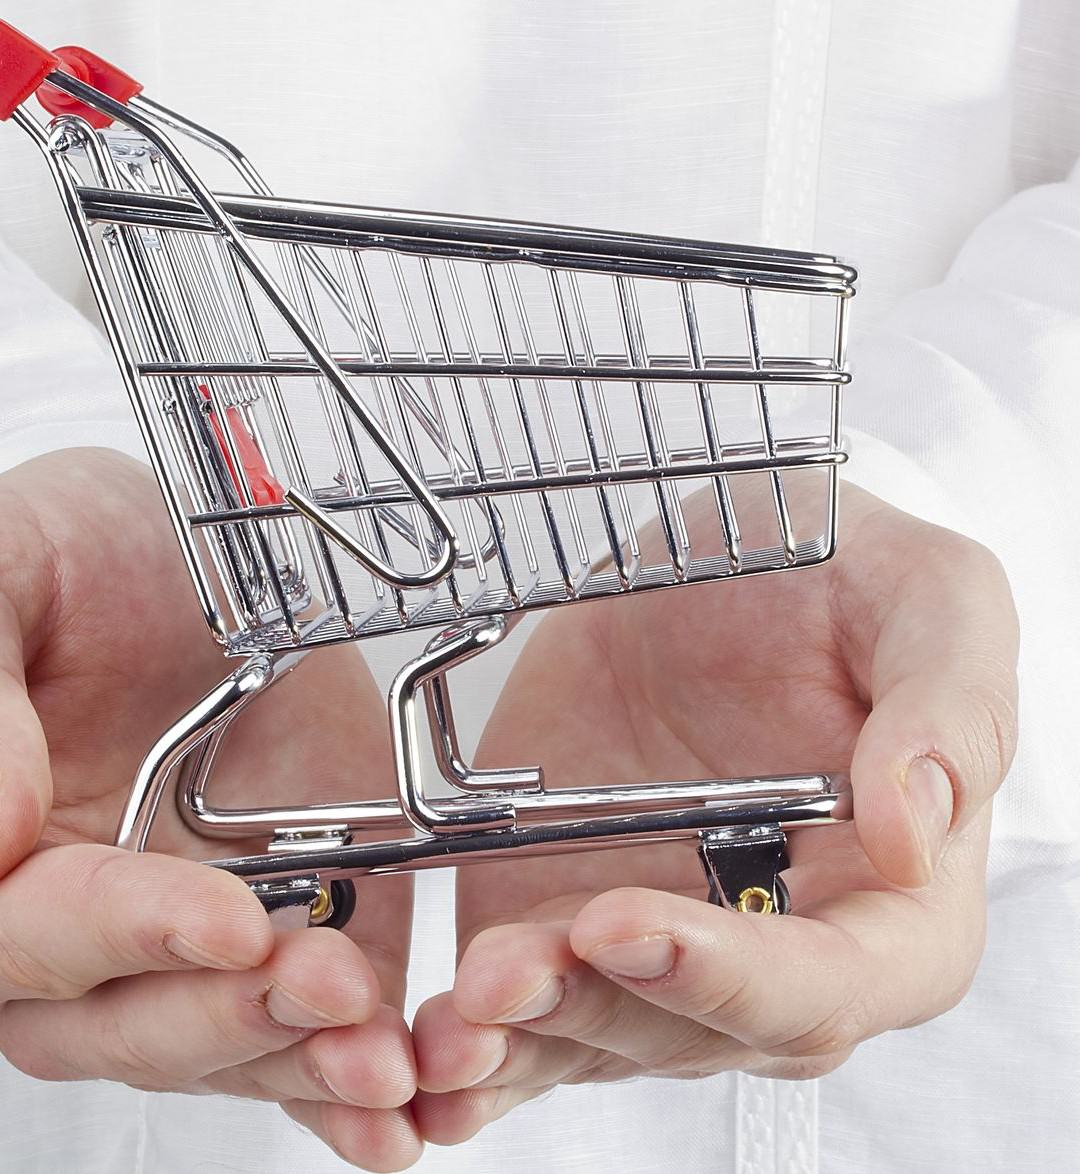 Błąd w cenie towaru, czyli ochrona praw konsumenta nie może odbywać się z rażącym naruszeniem praw przedsiębiorcy